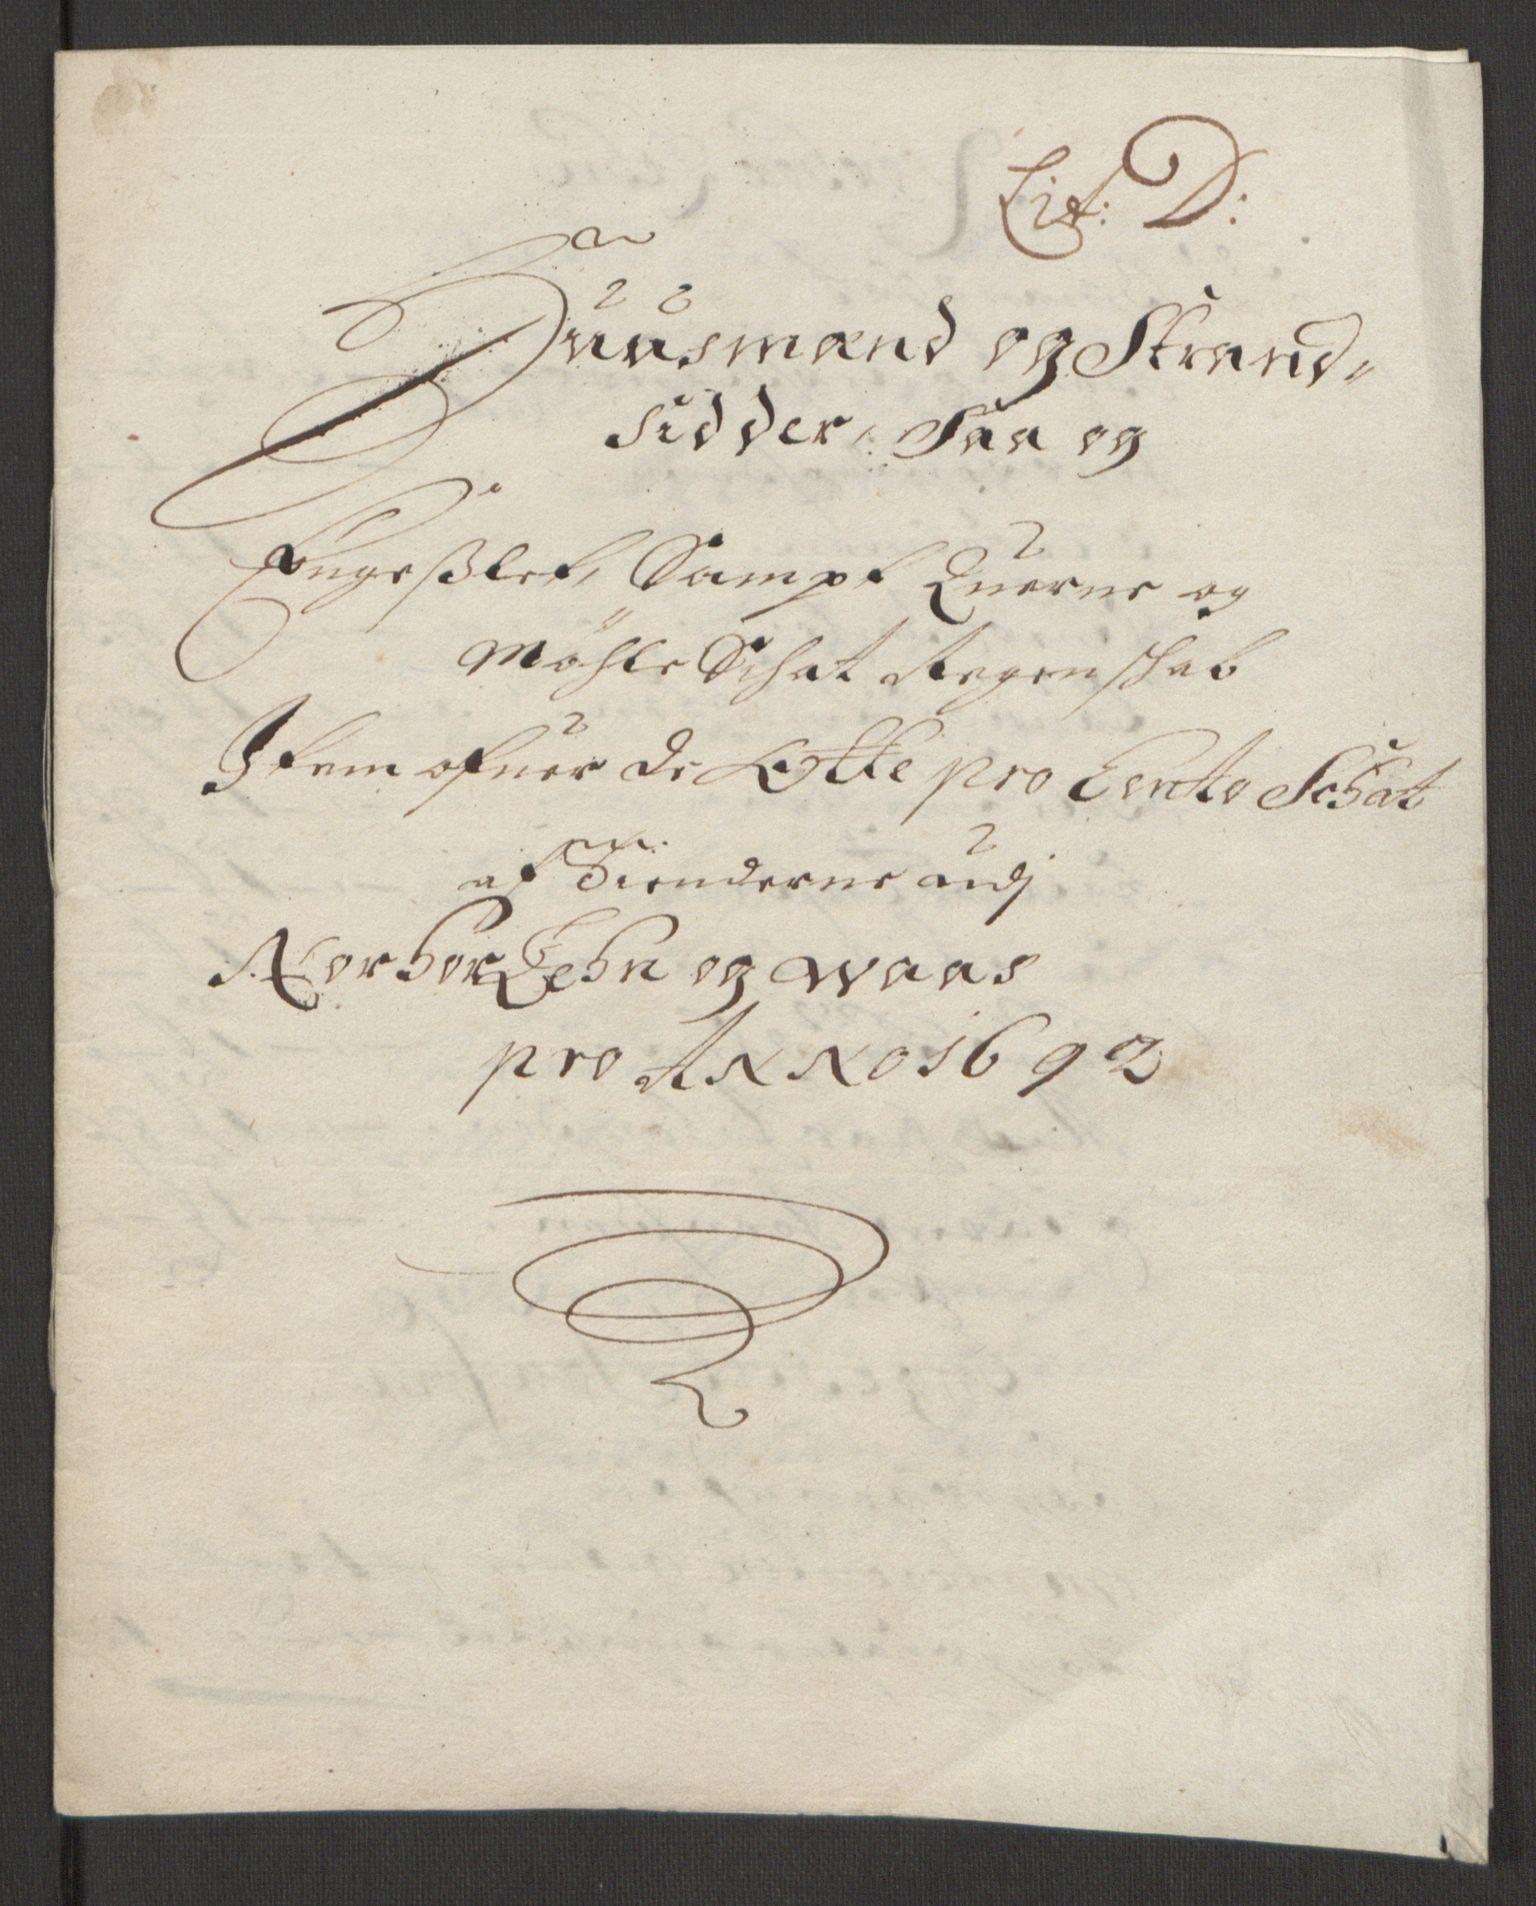 RA, Rentekammeret inntil 1814, Reviderte regnskaper, Fogderegnskap, R51/L3181: Fogderegnskap Nordhordland og Voss, 1691-1692, s. 315